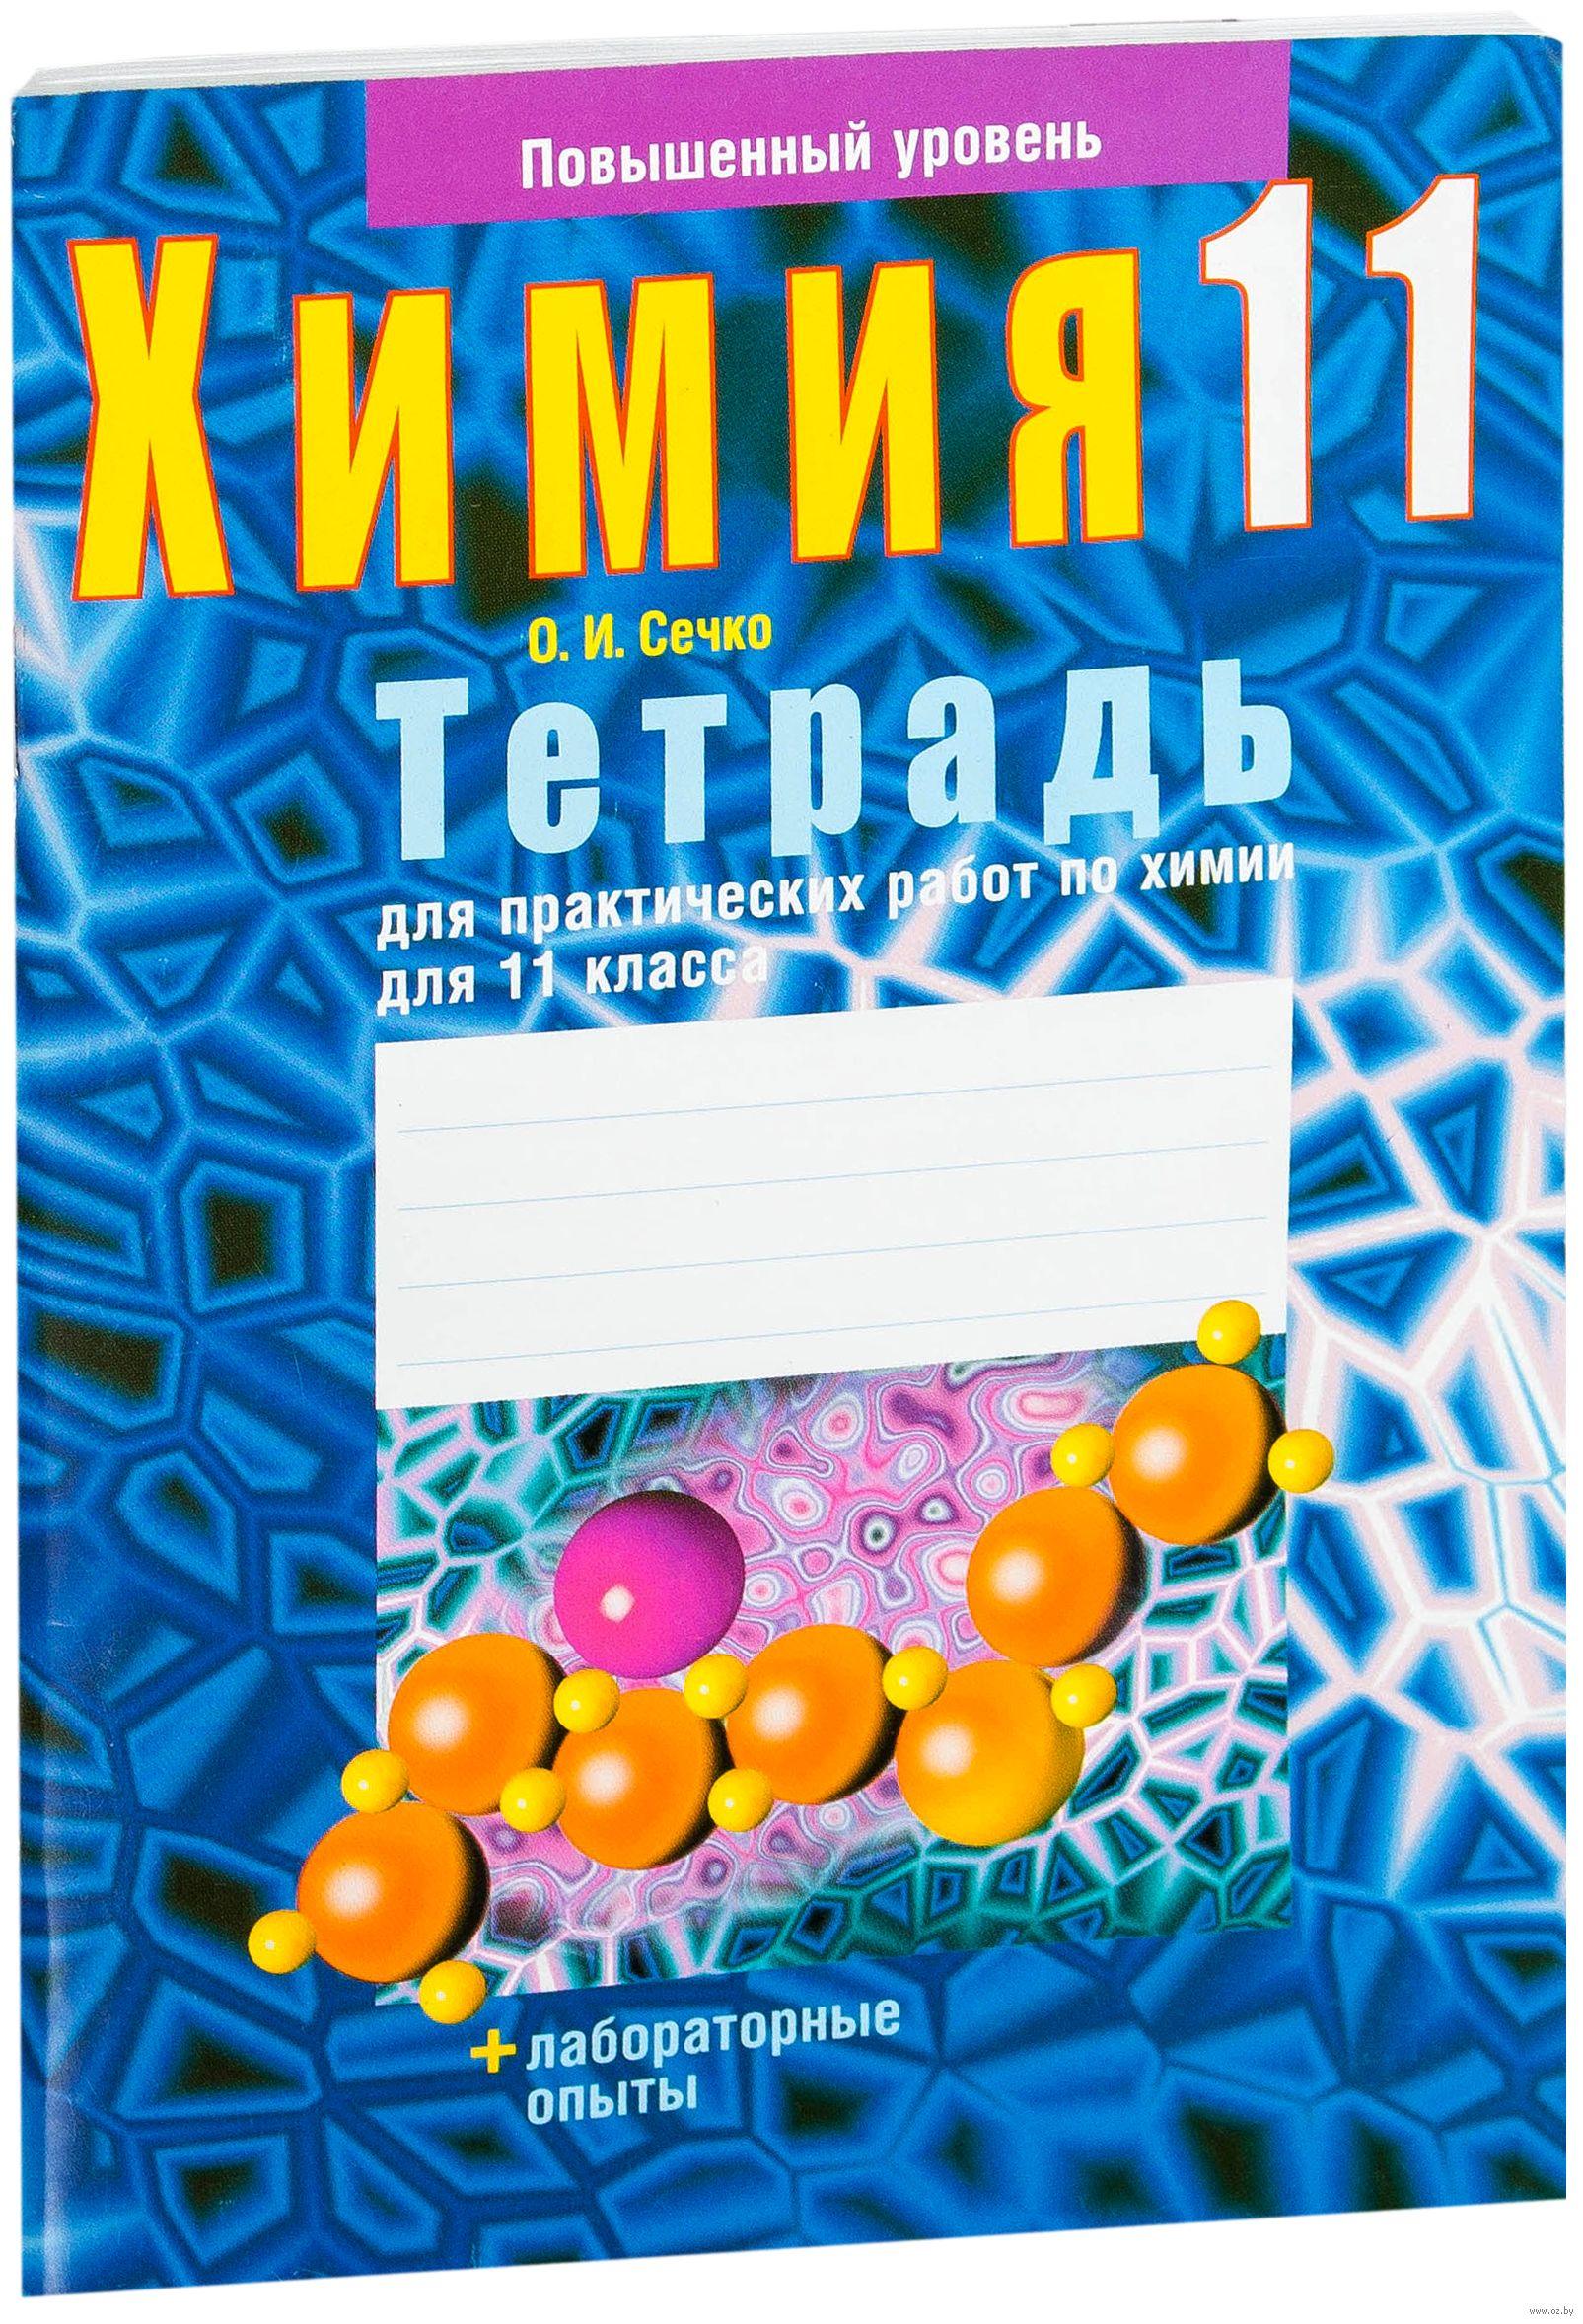 Решебник практических тетрадь подготовка медицинская 10 для класс работ